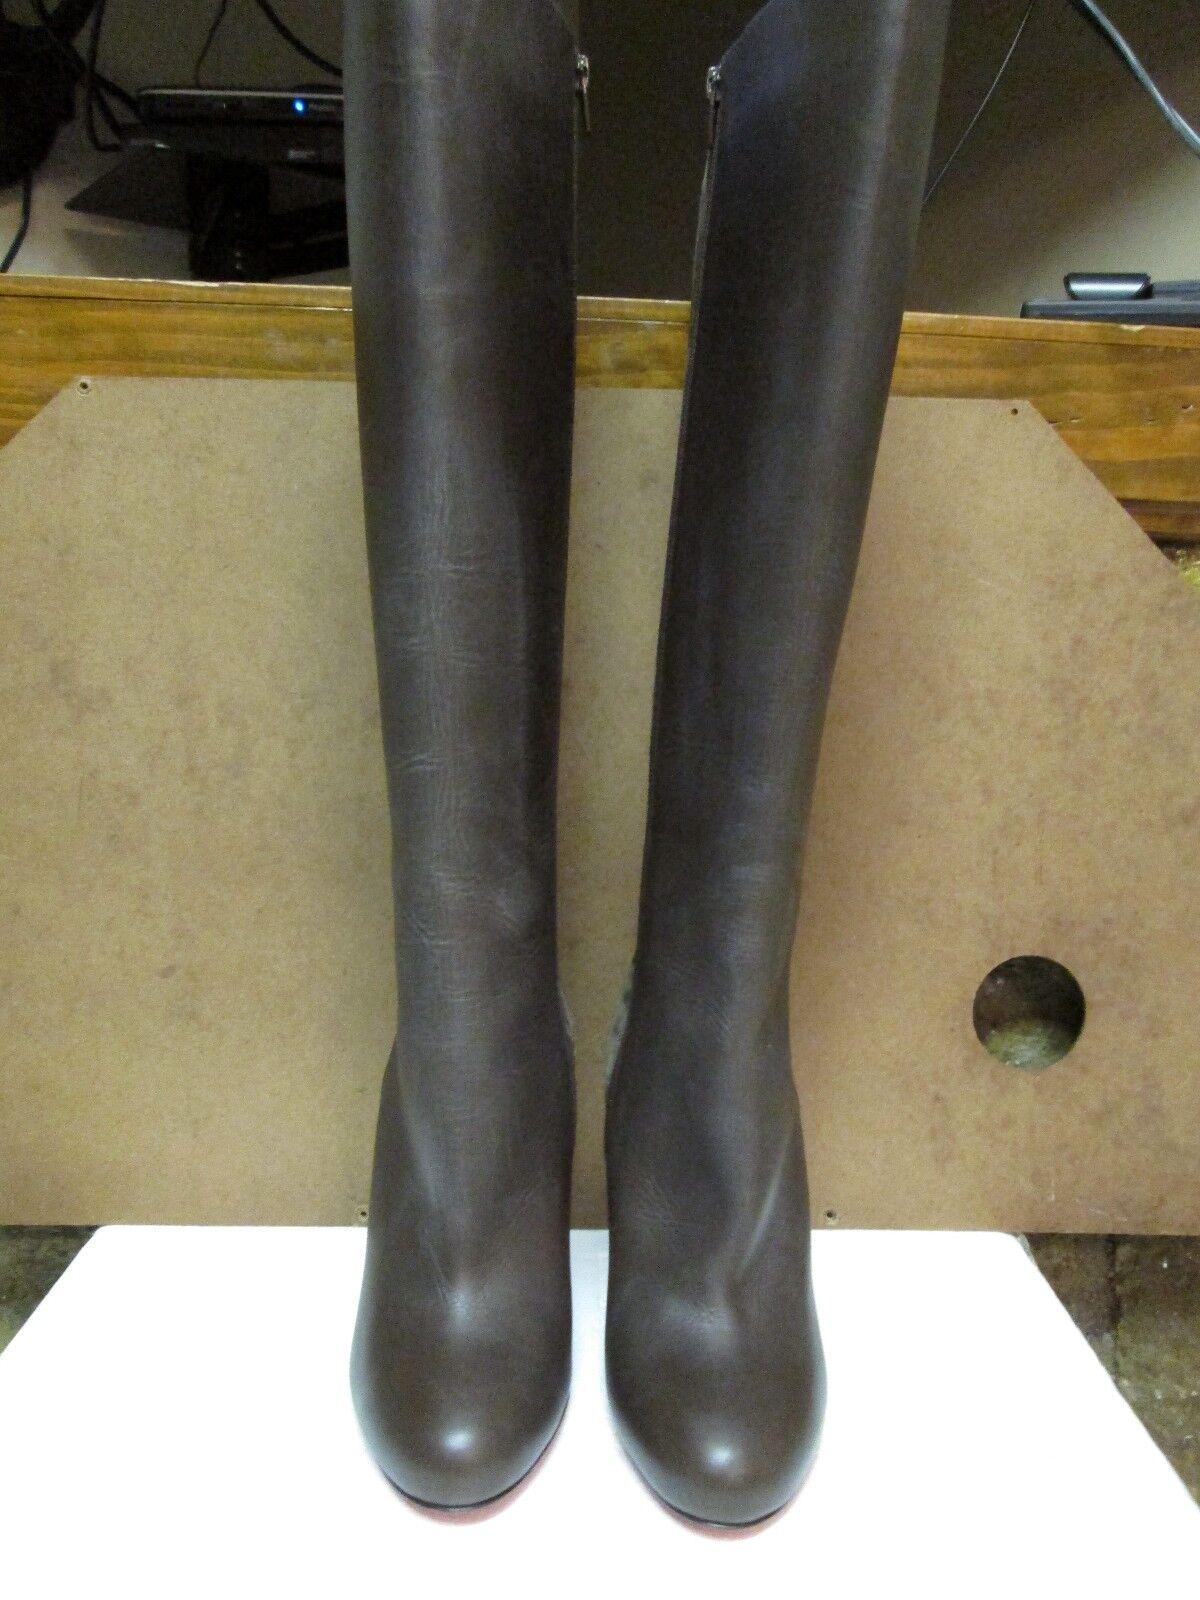 miglior prezzo Christian Louboutin Louboutin Louboutin Chocolate Leather & Suede Knee High stivali Dimensione 38  online al miglior prezzo